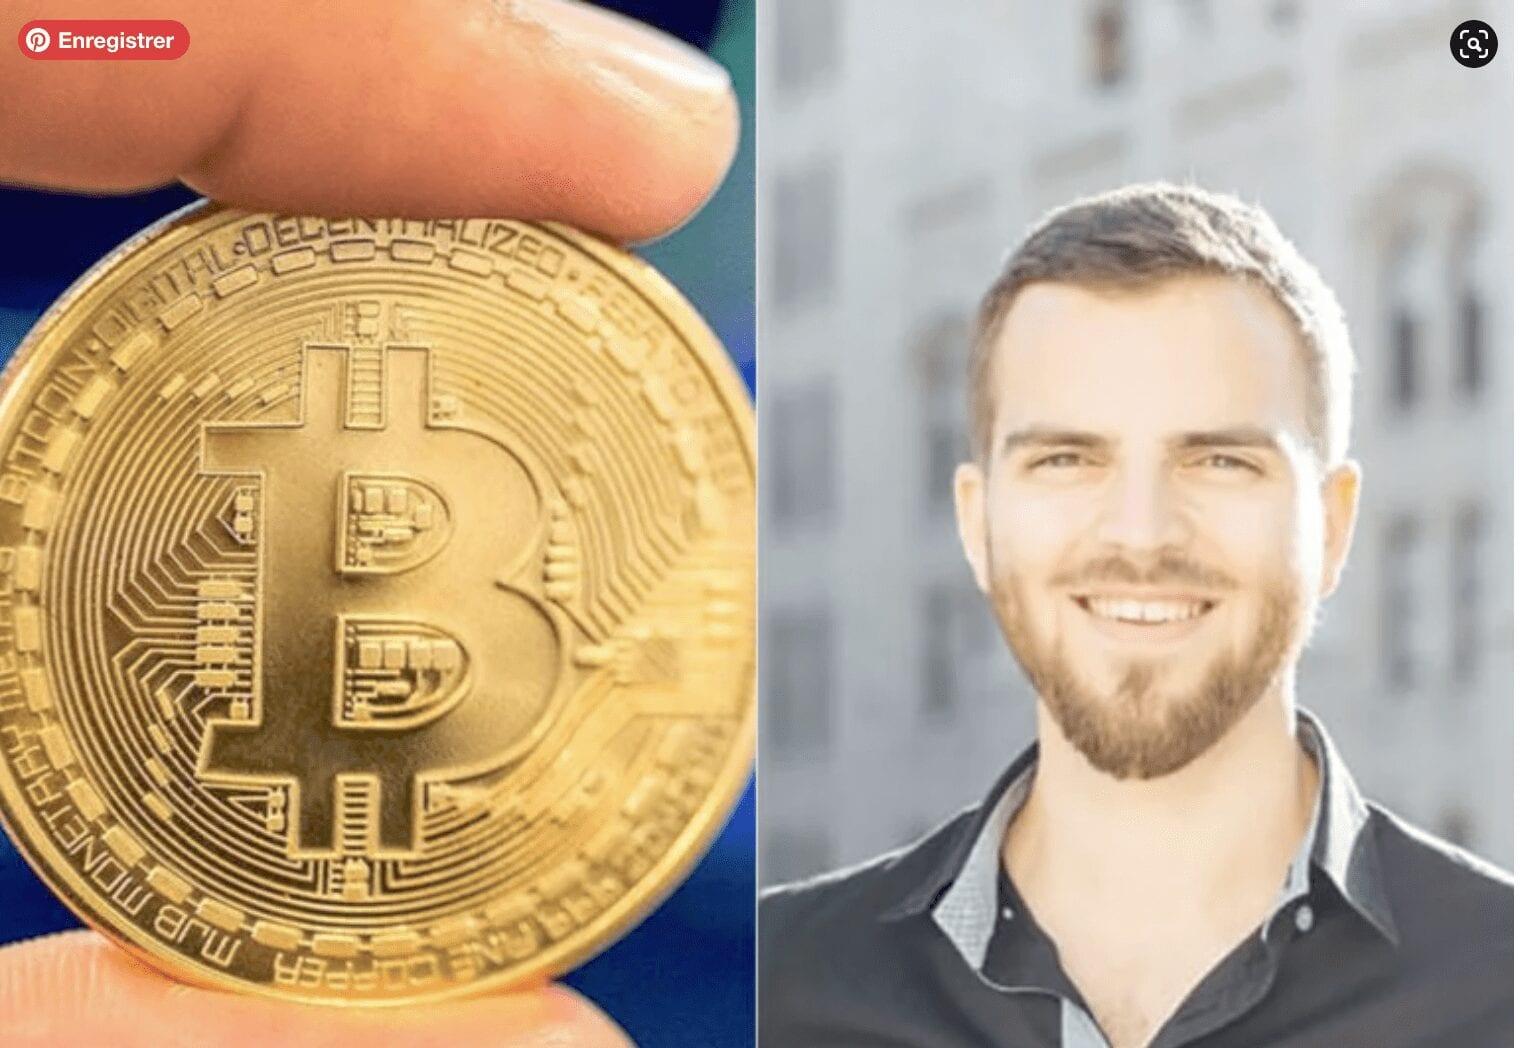 Bitcoin : Un Allemand Perd 220 Millions De Dollars En Raison D'un Oubli De Mot De Passe